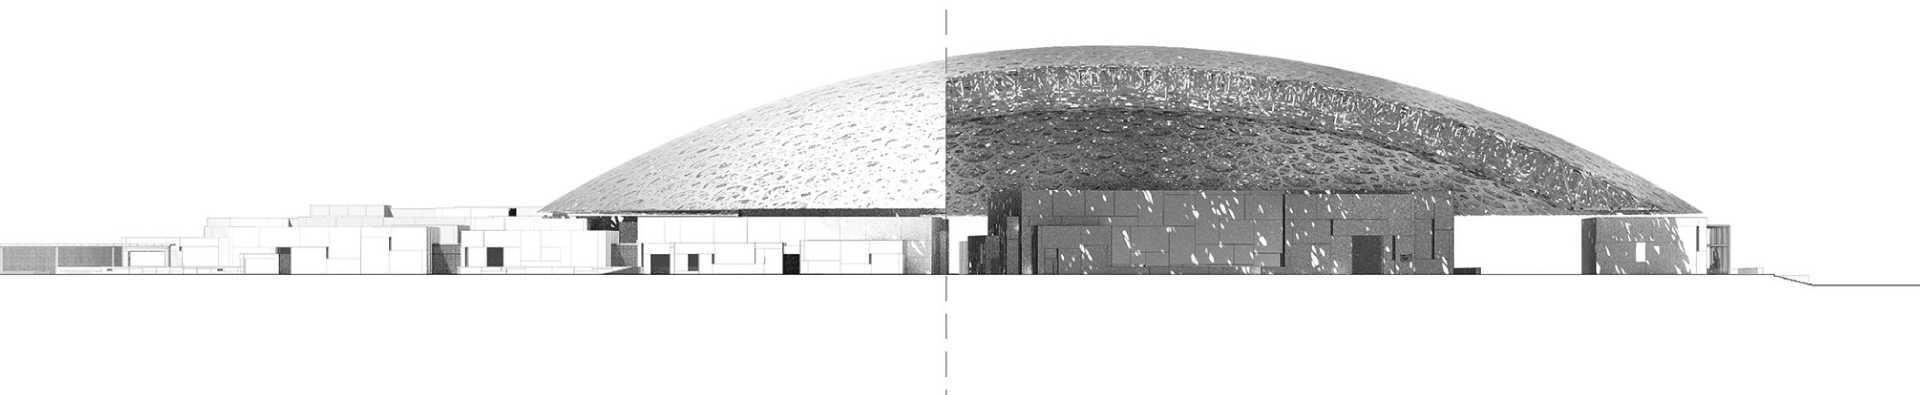 Louvre Abu Dhabi  - 08 nouvel 43